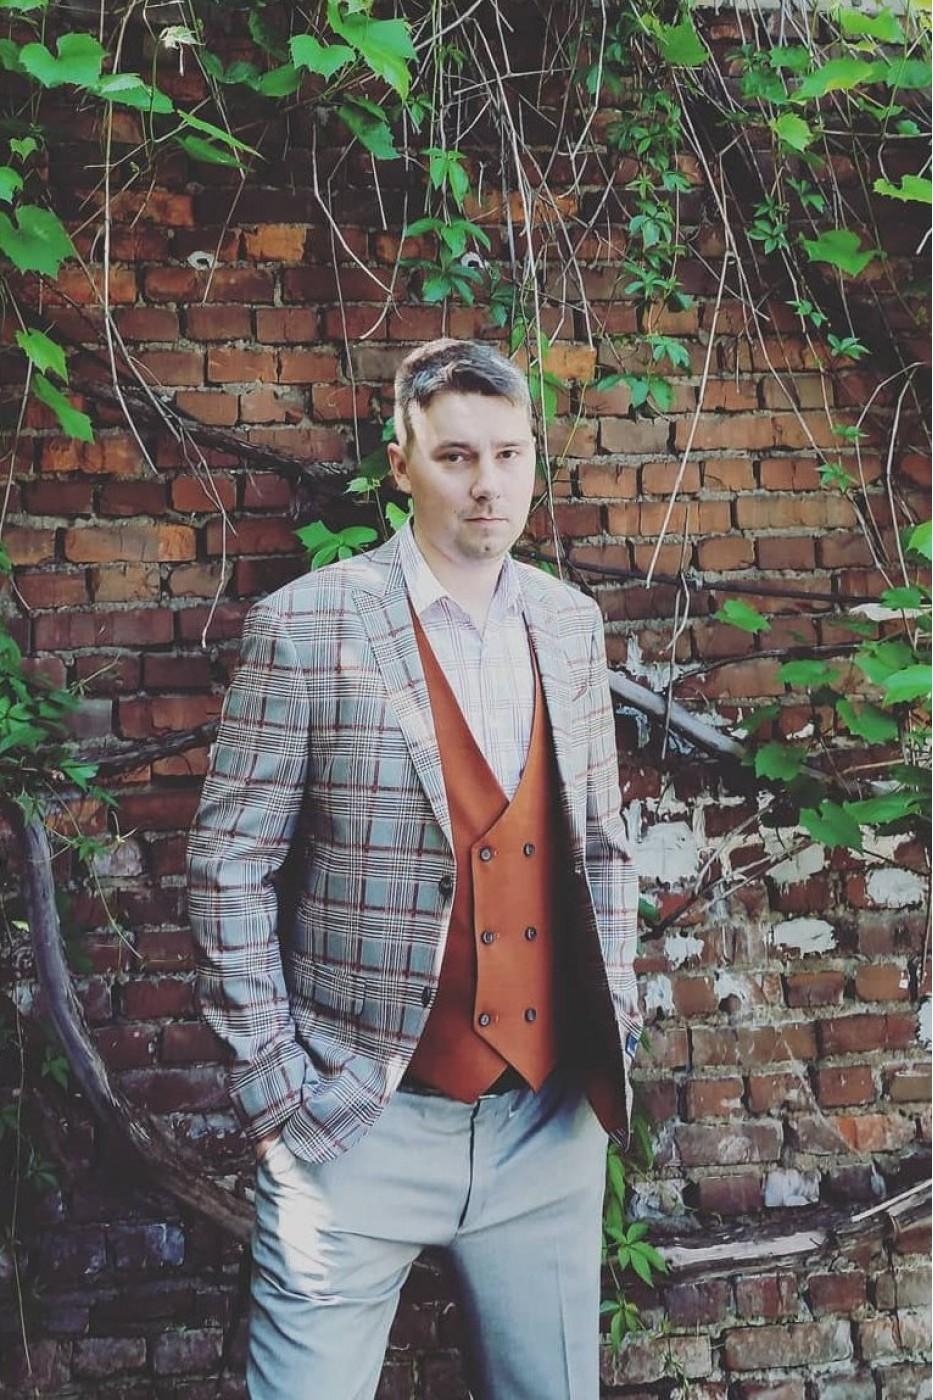 Серый мужской костюм в оранжевую клетку тройка с оранжевой жилеткой Jan Carlucci 7743/594 # 6660-10